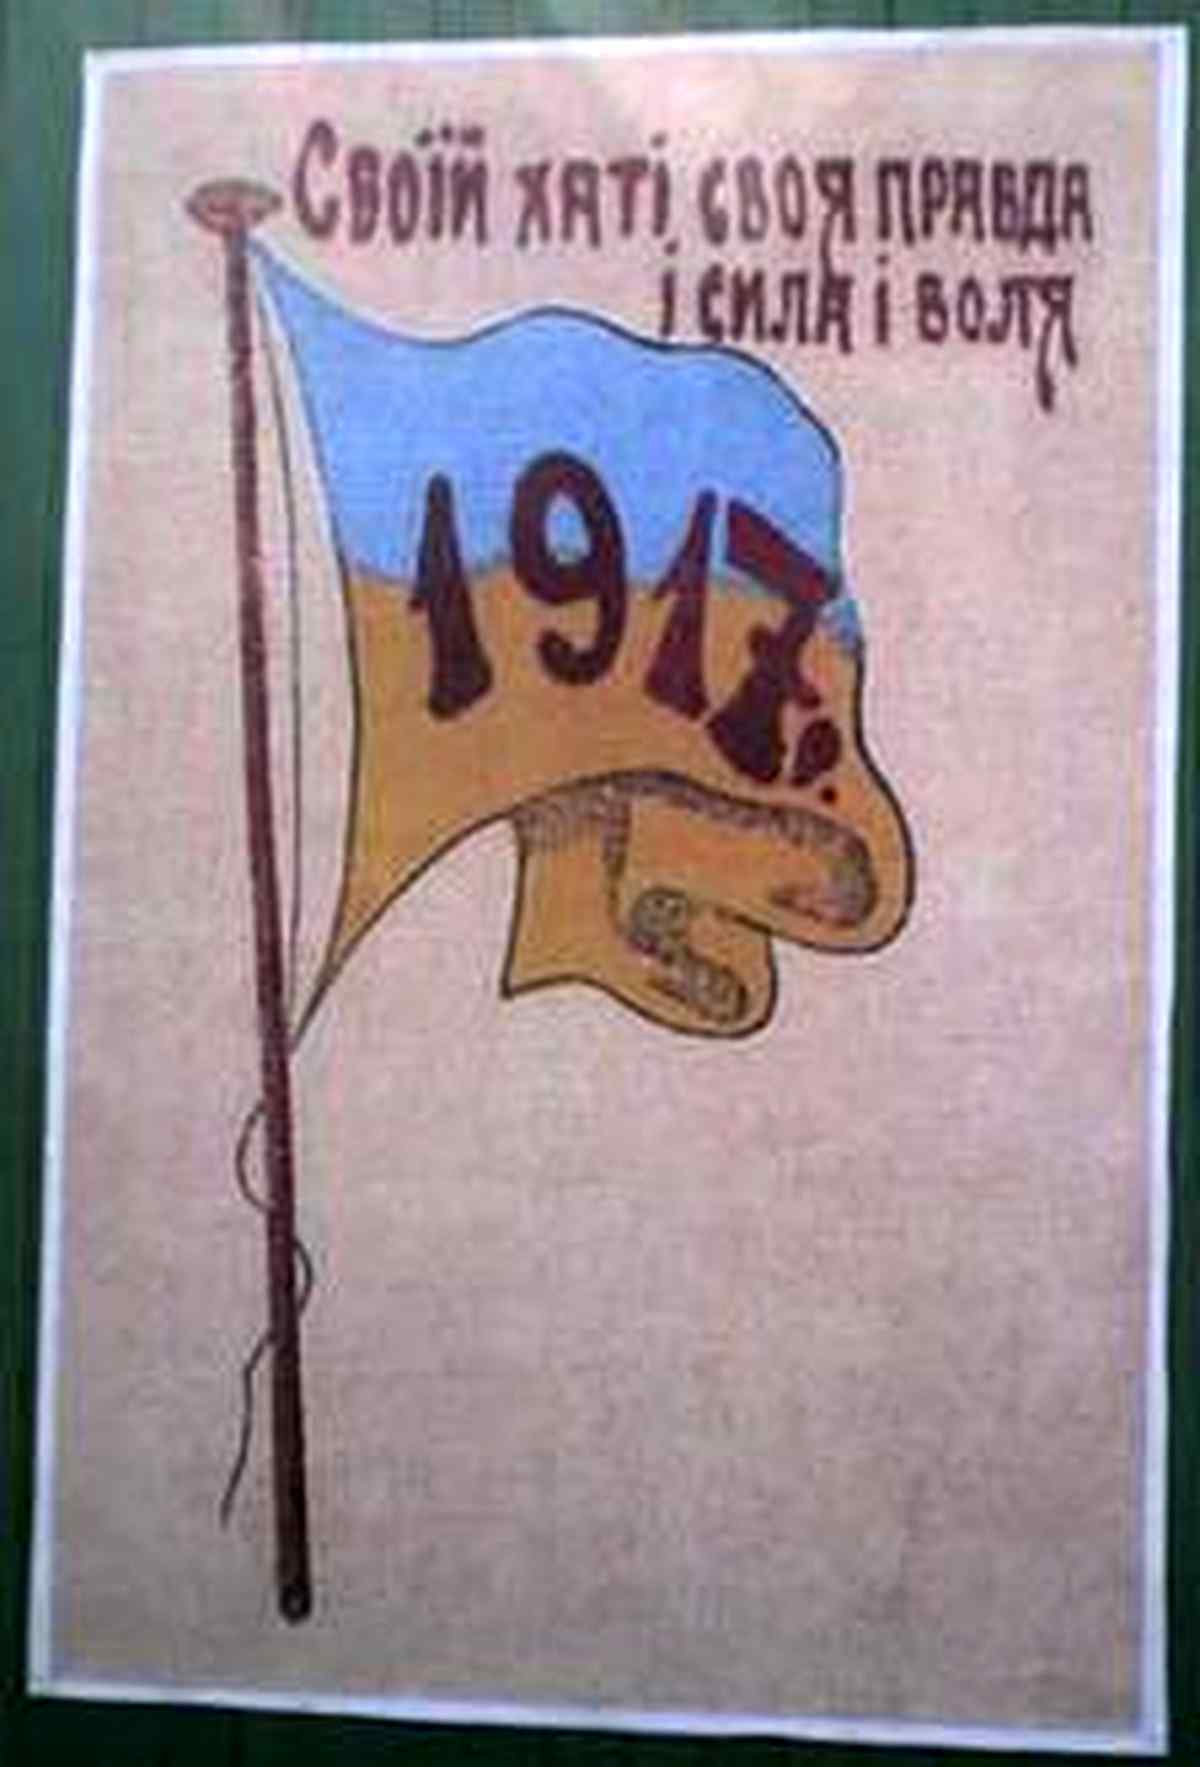 """Плакат 1917 года. """"Своїй хаті своя правда і сила, і воля"""""""